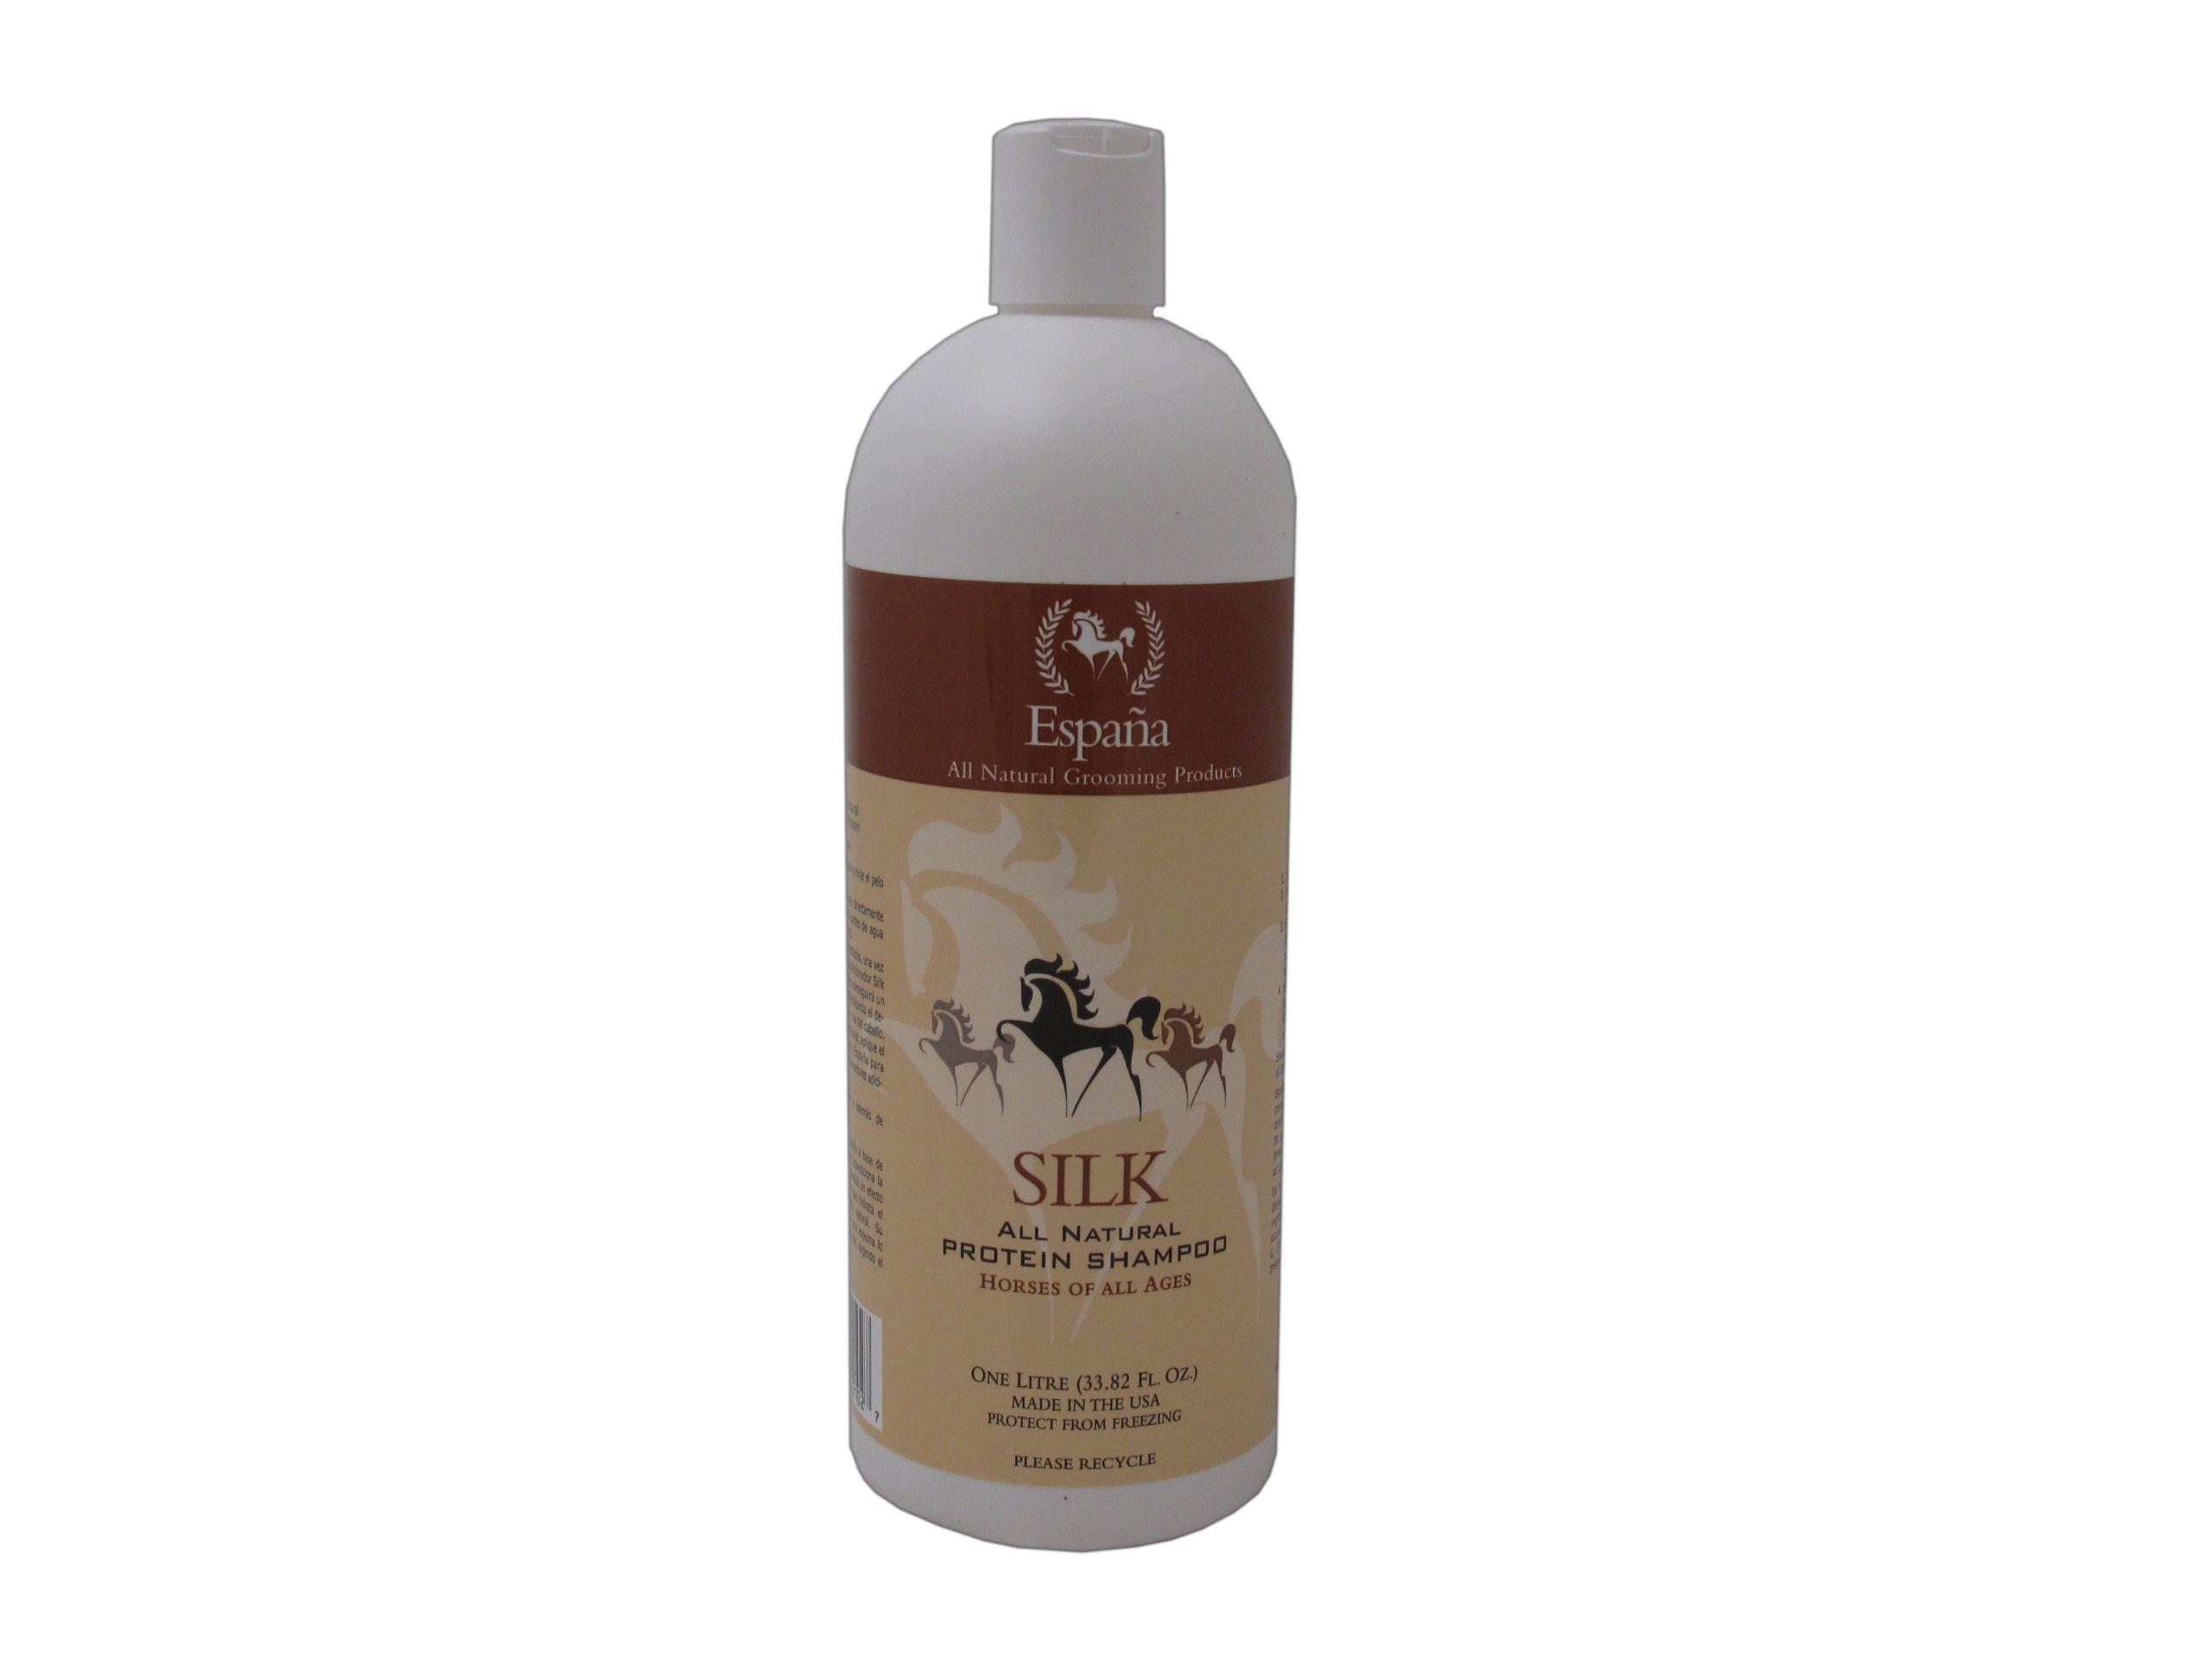 Espana Silk ESP0020E Specially Formulated Silk Protein Shampoo for Horses, 33.82-Ounce by EspanaSILK (Image #1)